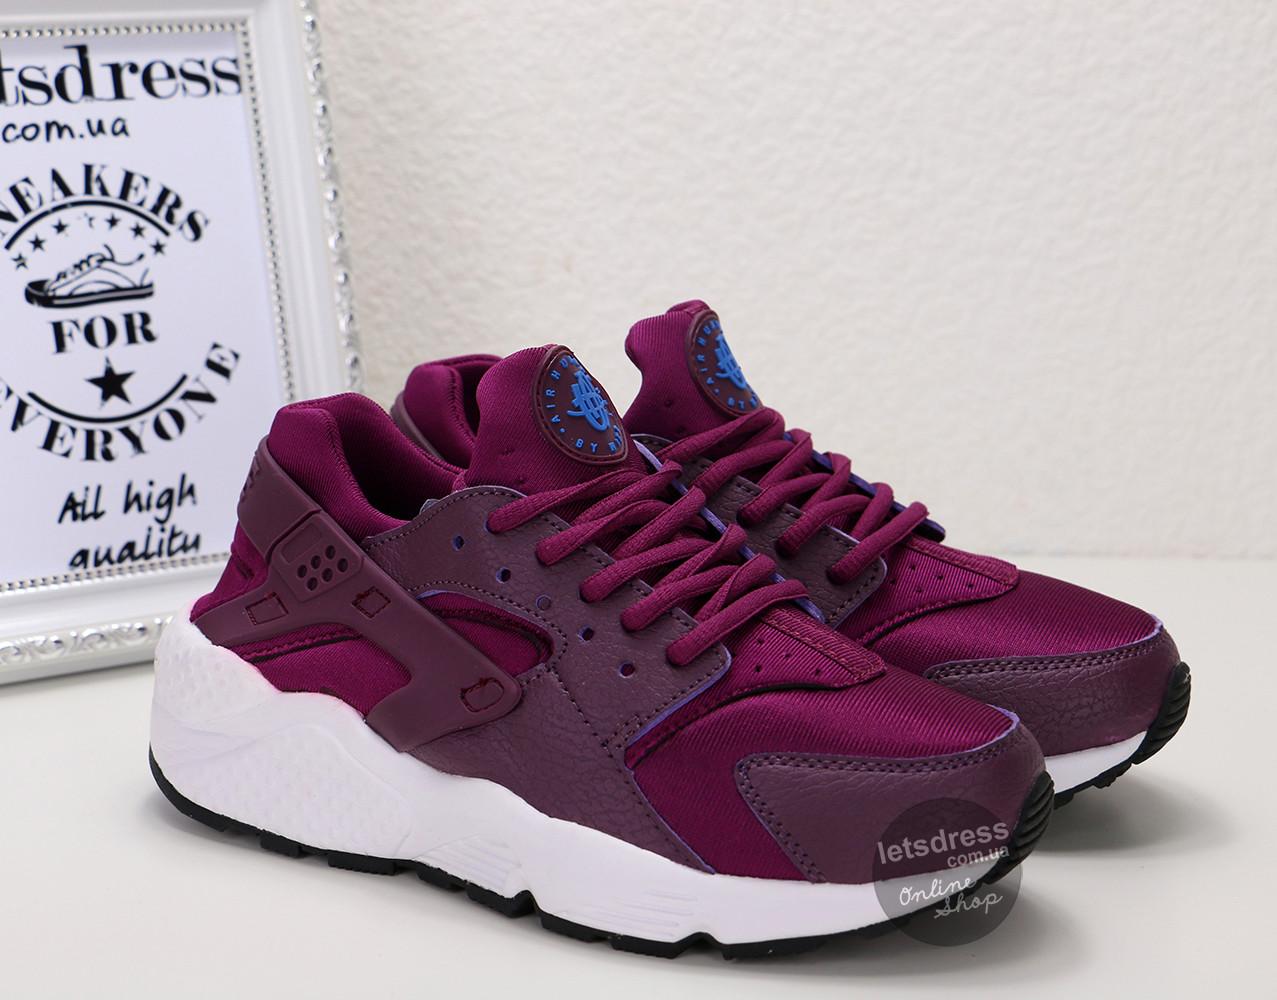 Кросівки жіночі Nike Air Huarache purple | Найк Аїр Хуарач пурпурні